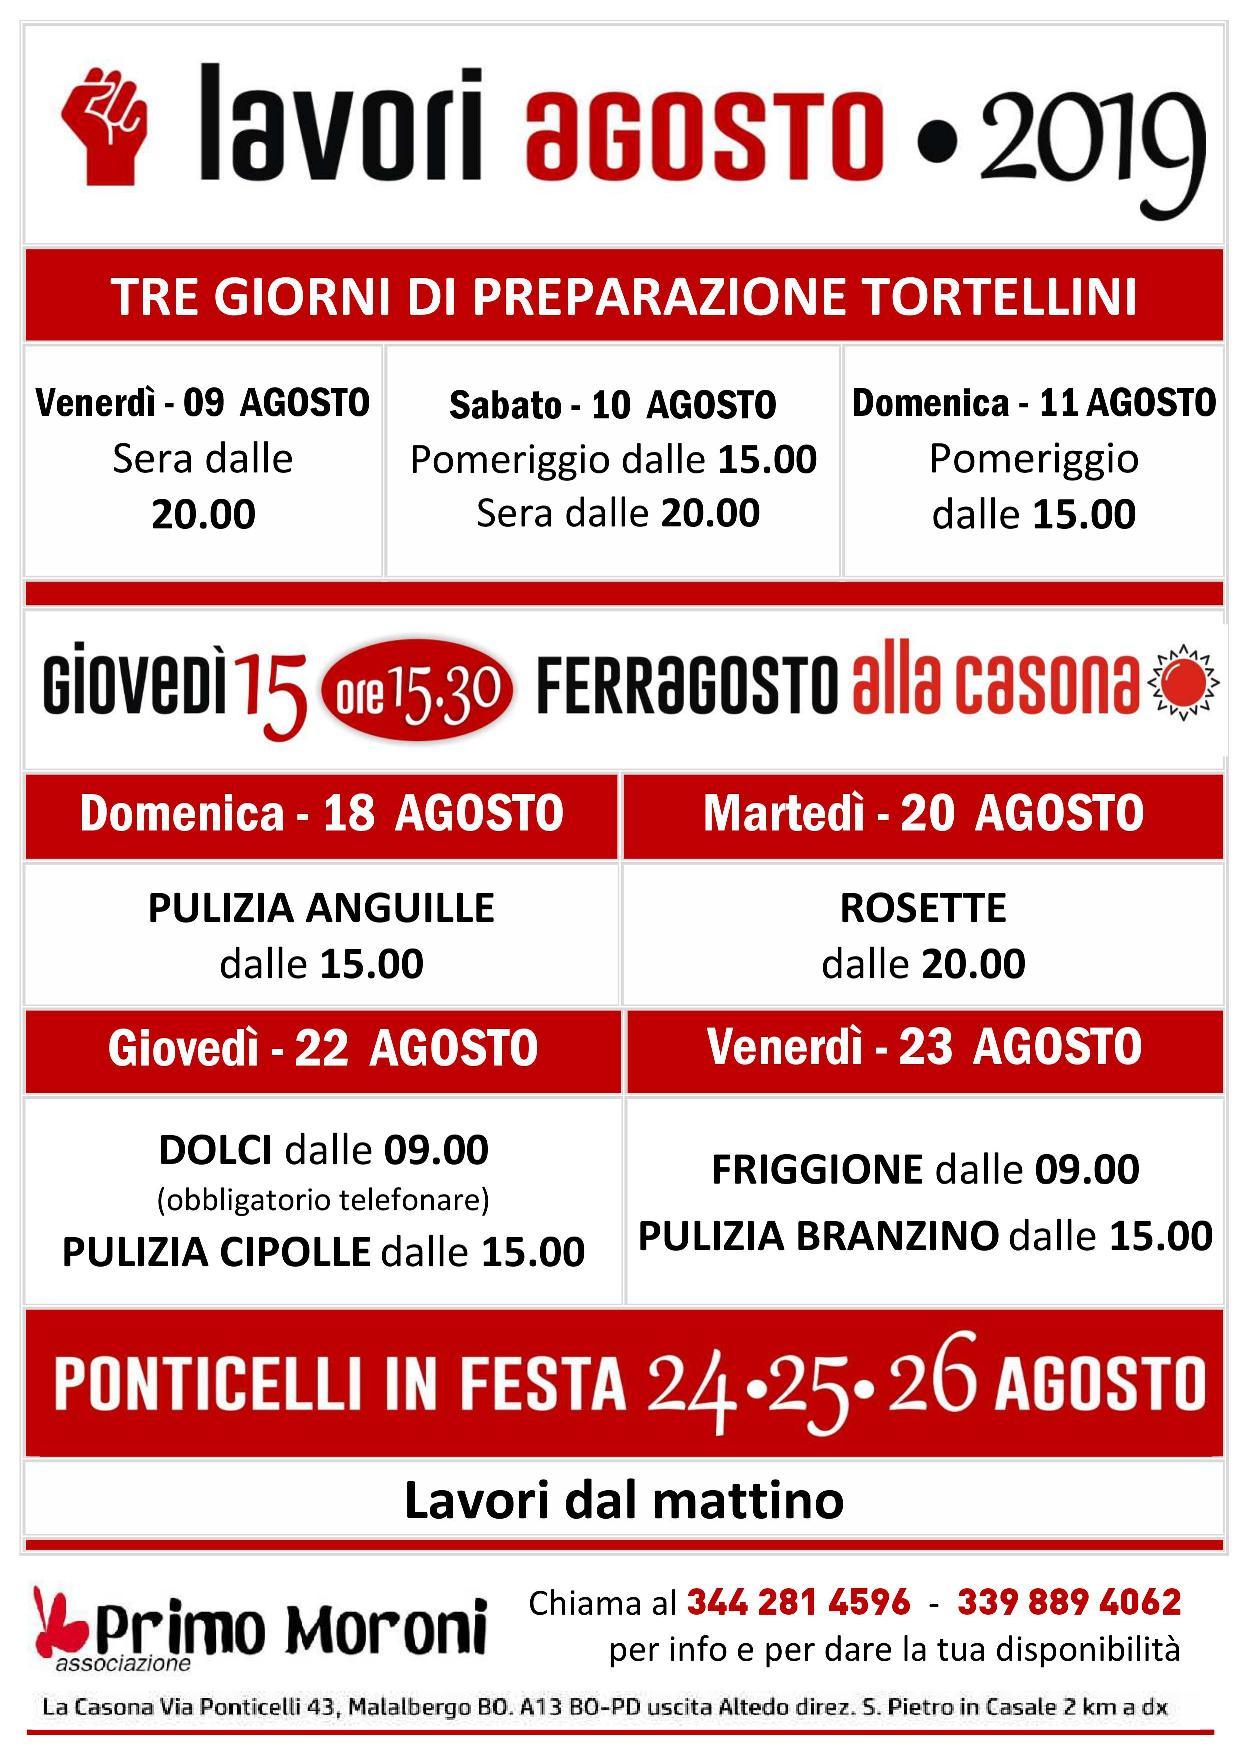 Calendario Cipolle 2019.Calendario Lavori Agosto 2019 Nuova Casa Del Popolo Di